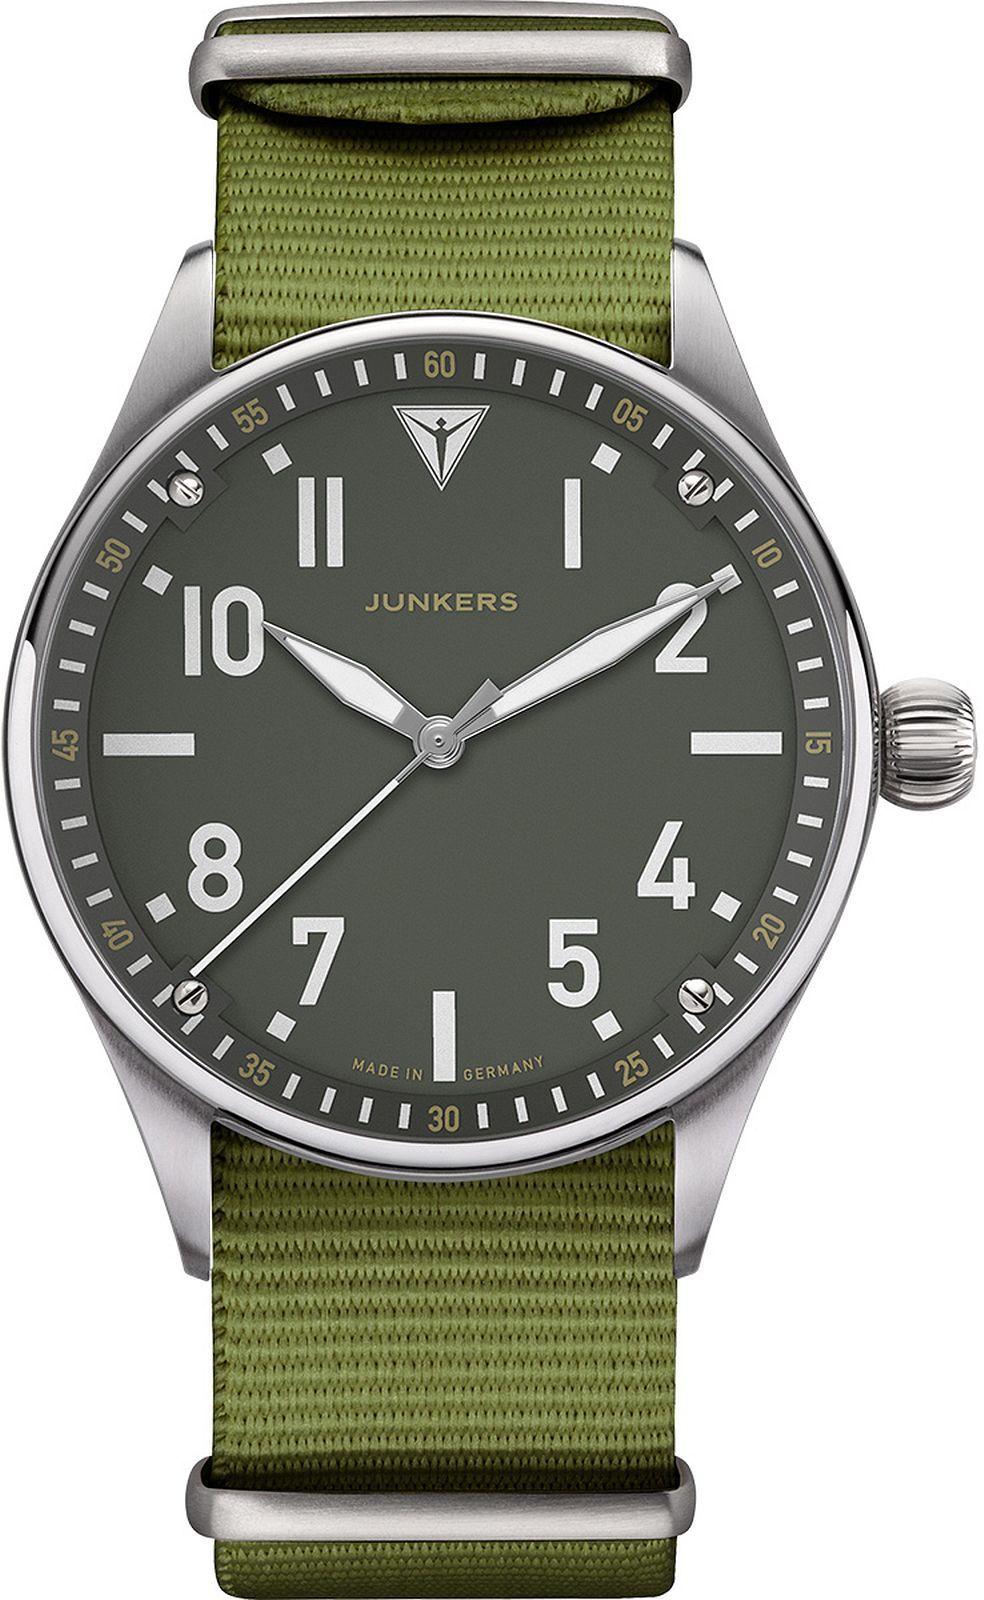 Junkers 9.02.01.06.N > Wysyłka tego samego dnia Grawer 0zł Darmowa dostawa Kurierem/Inpost Darmowy zwrot przez 100 DNI